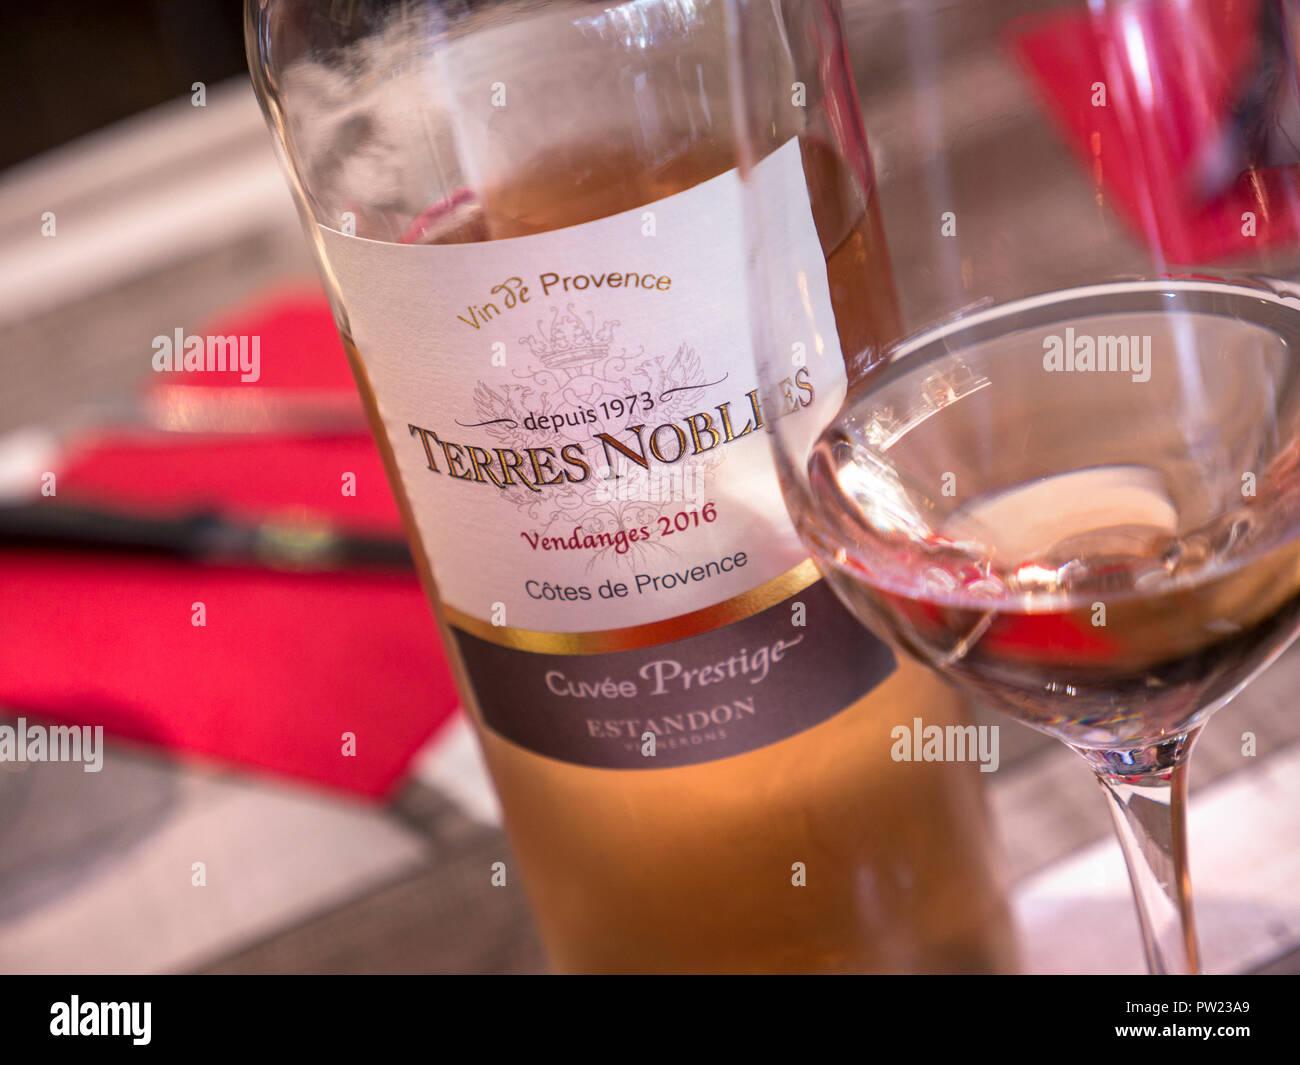 Rosé wine bottle with glass on restaurant able Terres Nobles Côtes de Provence Cuvée Prestige Estandon Vendanges 2016 Brittany France - Stock Image